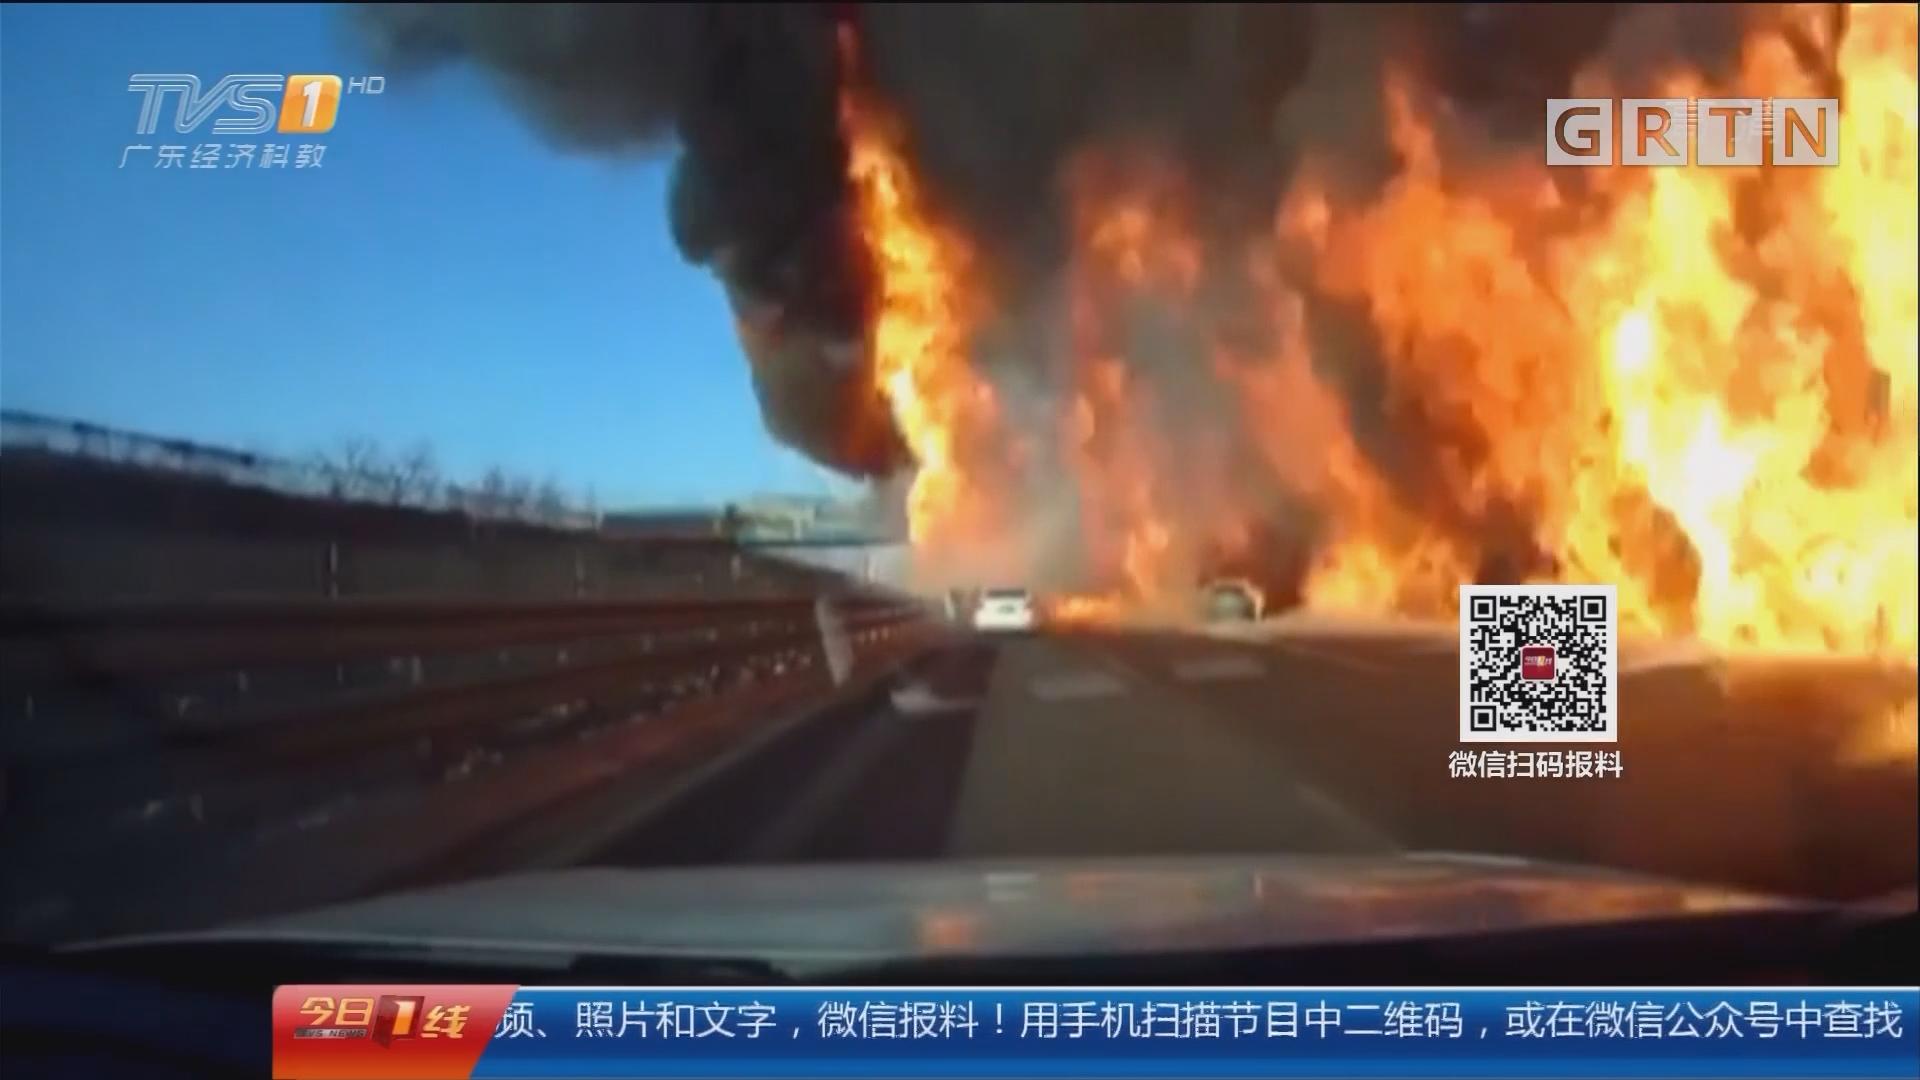 京哈高速:路上燃起大火 波及三辆小车